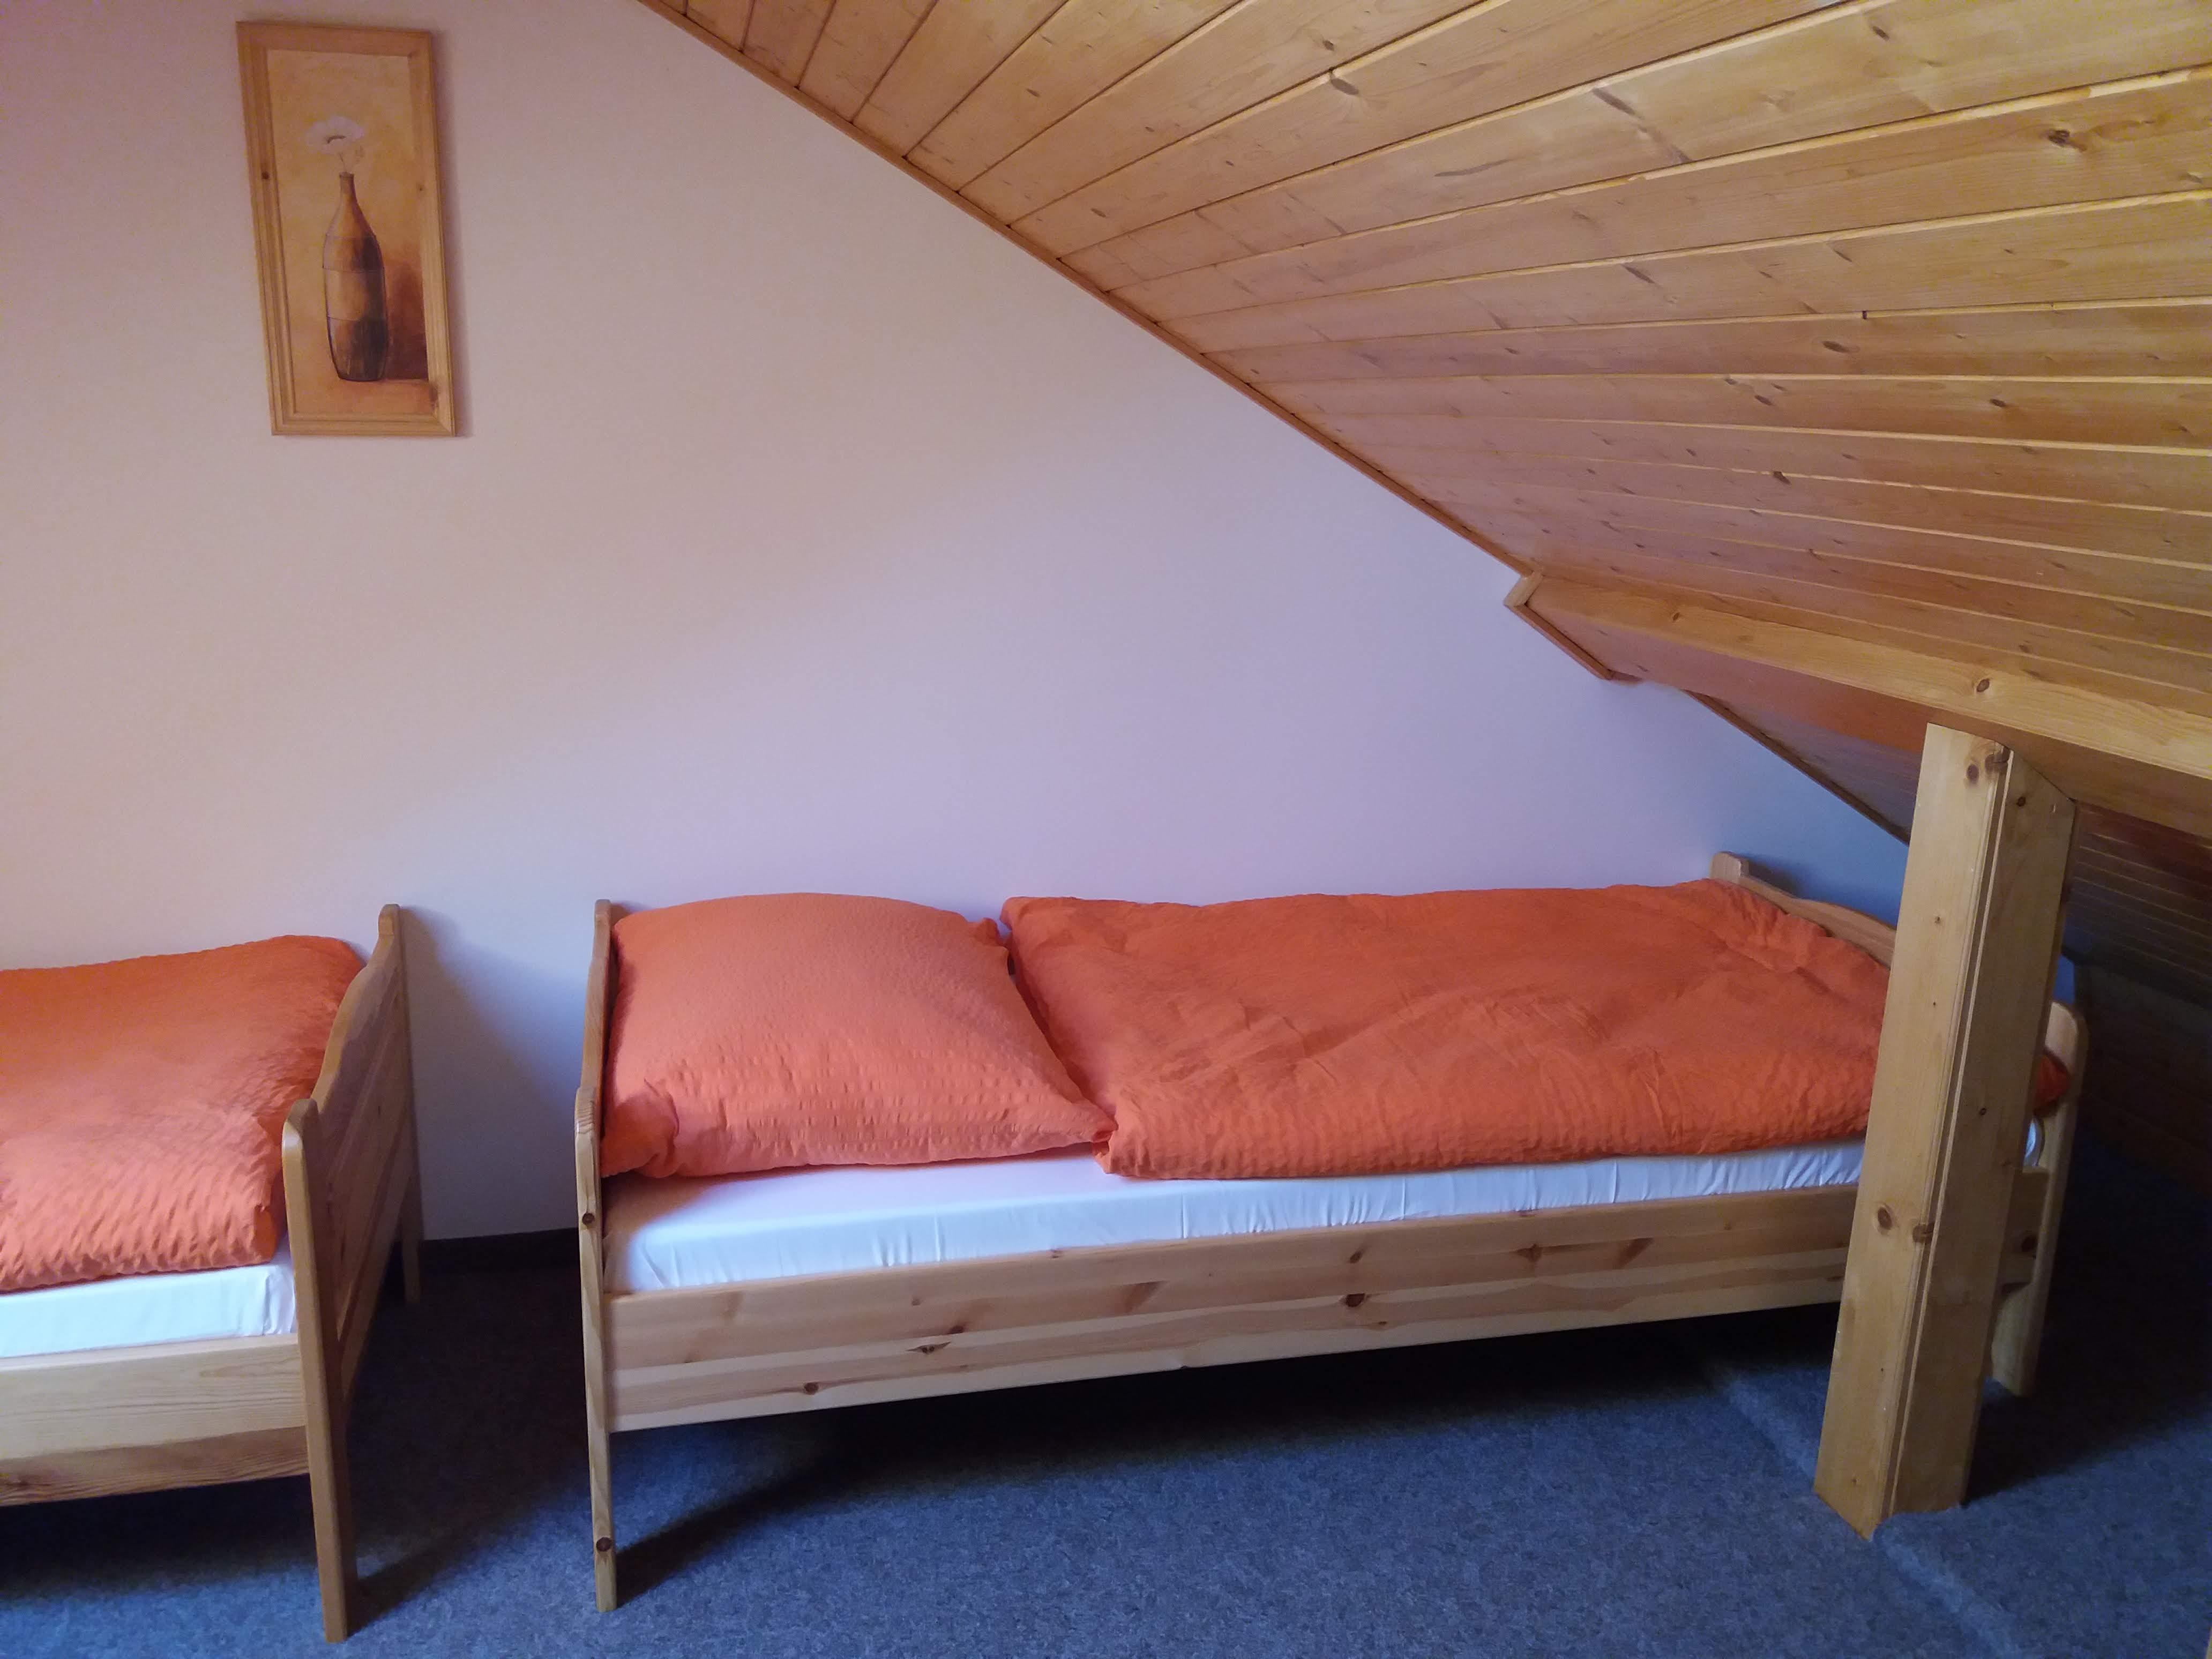 V podkrovní části pokoje jsou celkem 3 lůžka